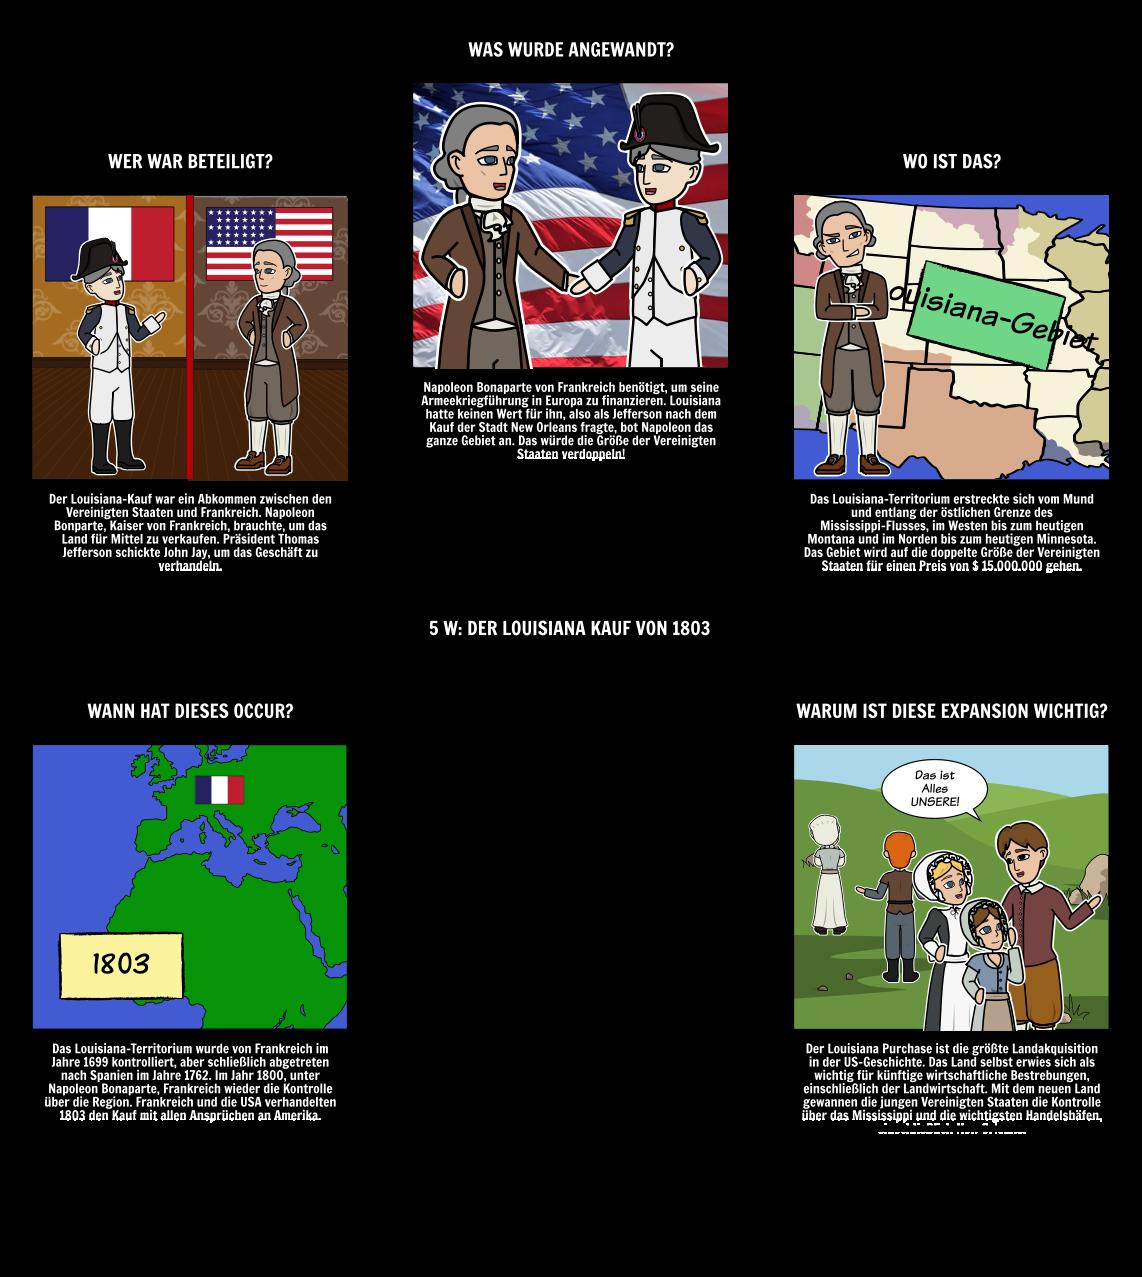 US Territorialer Ausbau - Der Louisiana Kauf von 1803